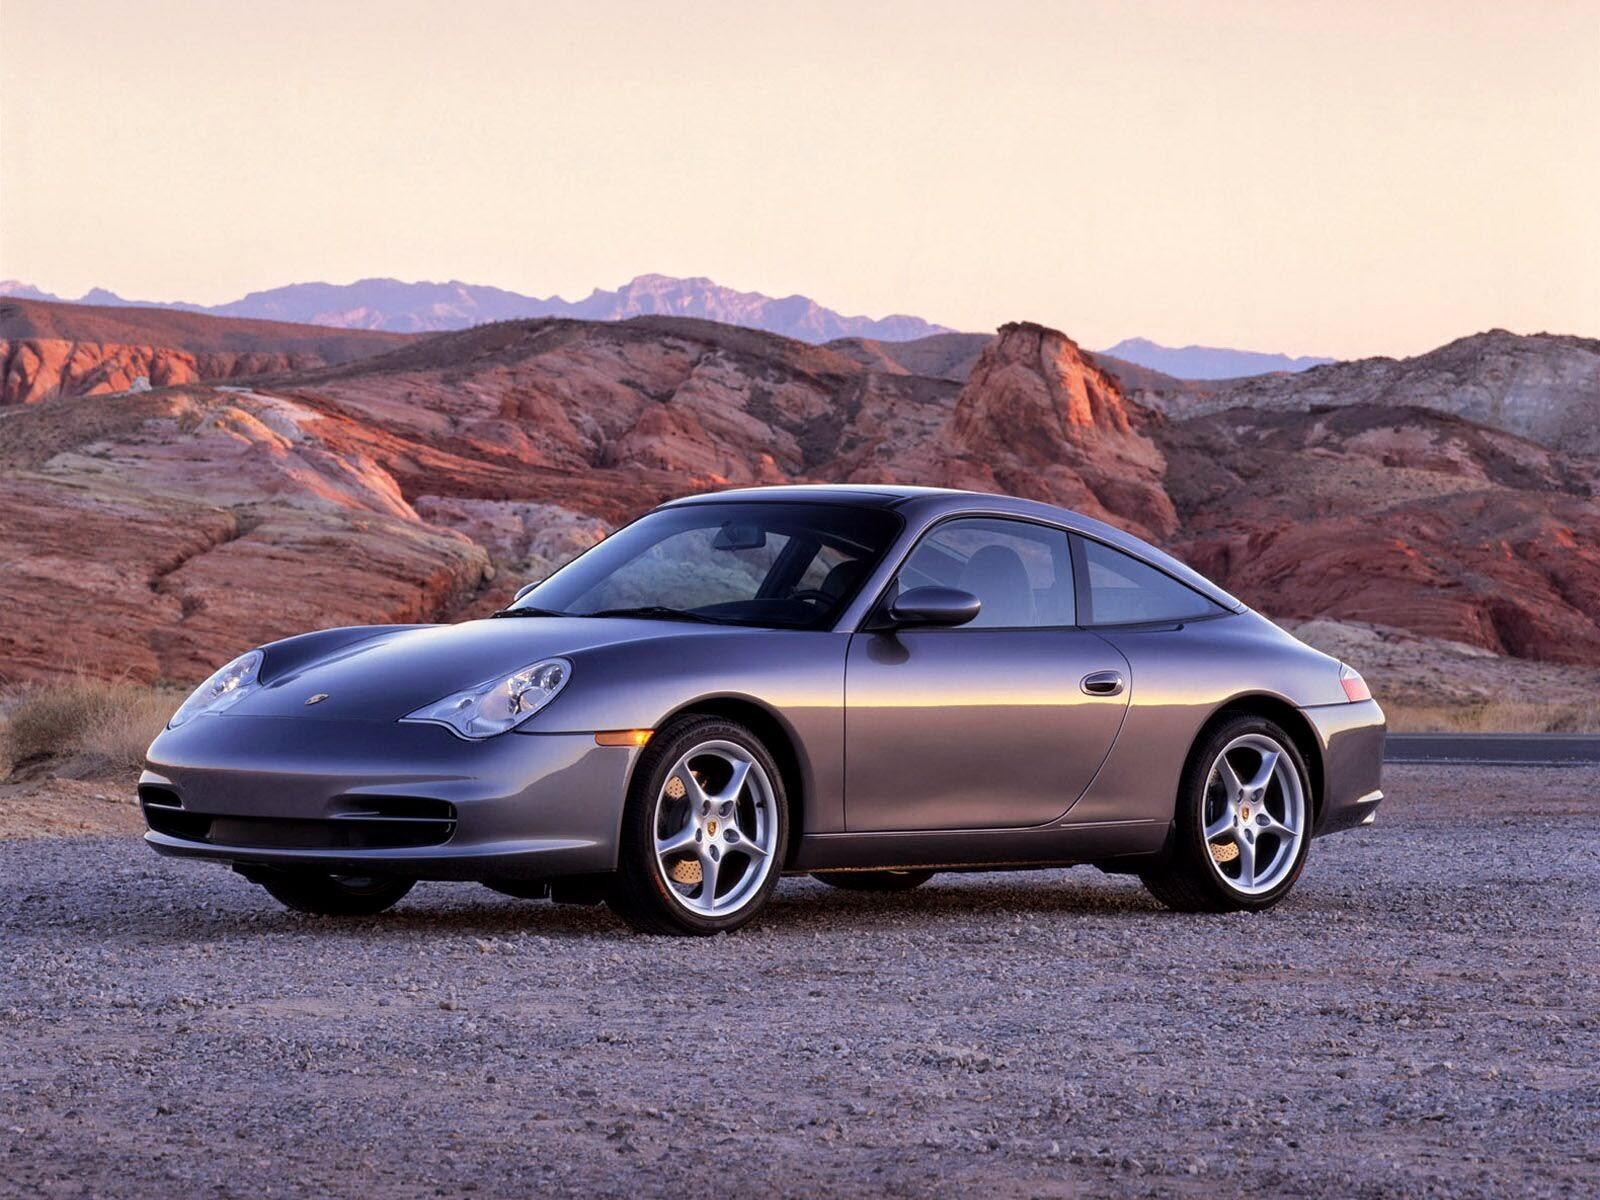 Porsche Targa - Edition 996